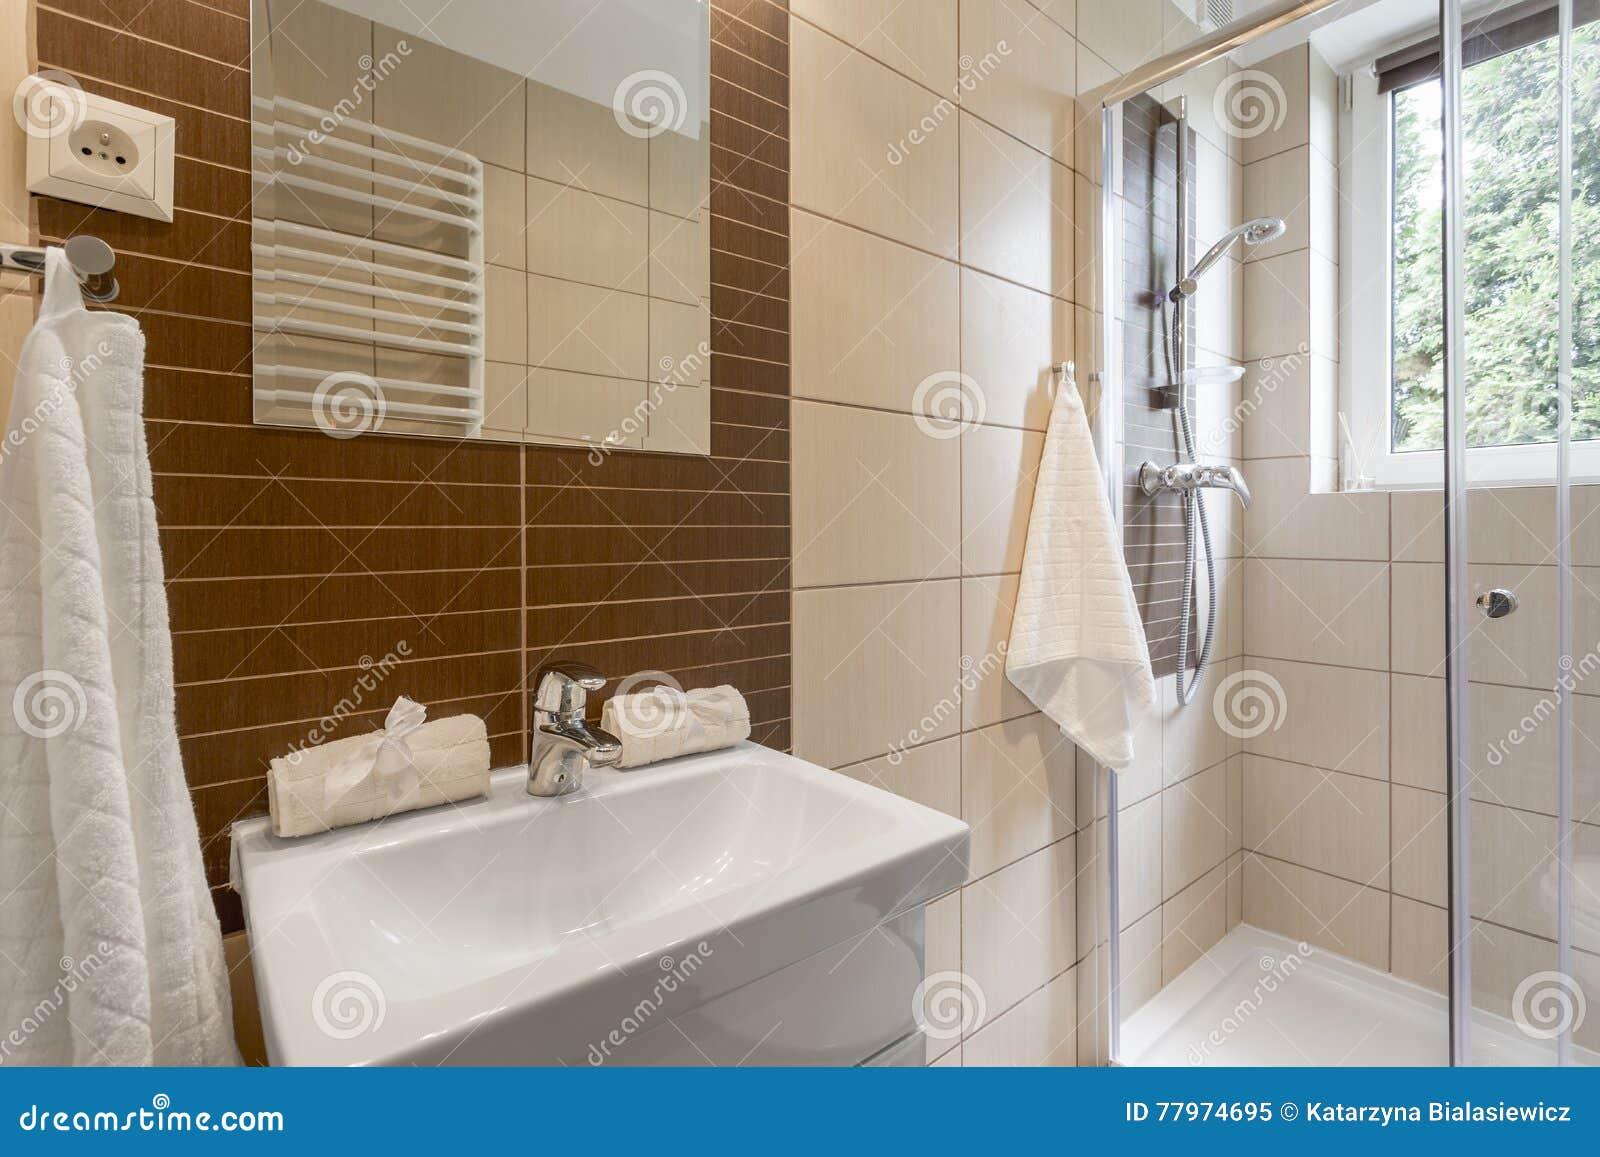 Betegelen Kleine Badkamer : Kleine badkamers in bruin idee stock afbeelding afbeelding